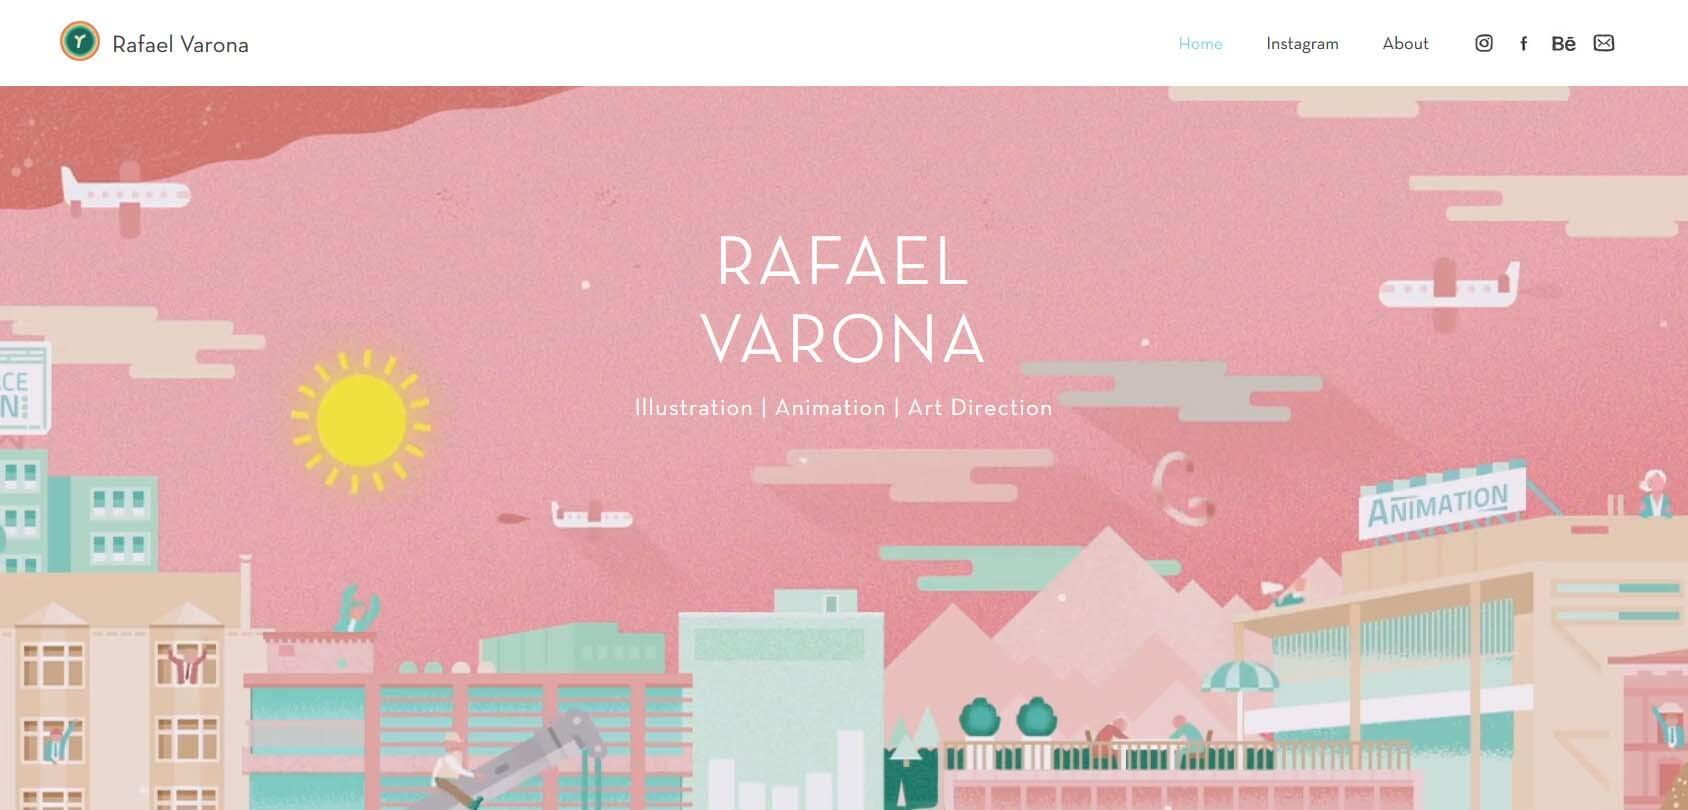 Rafael Varona Homepage